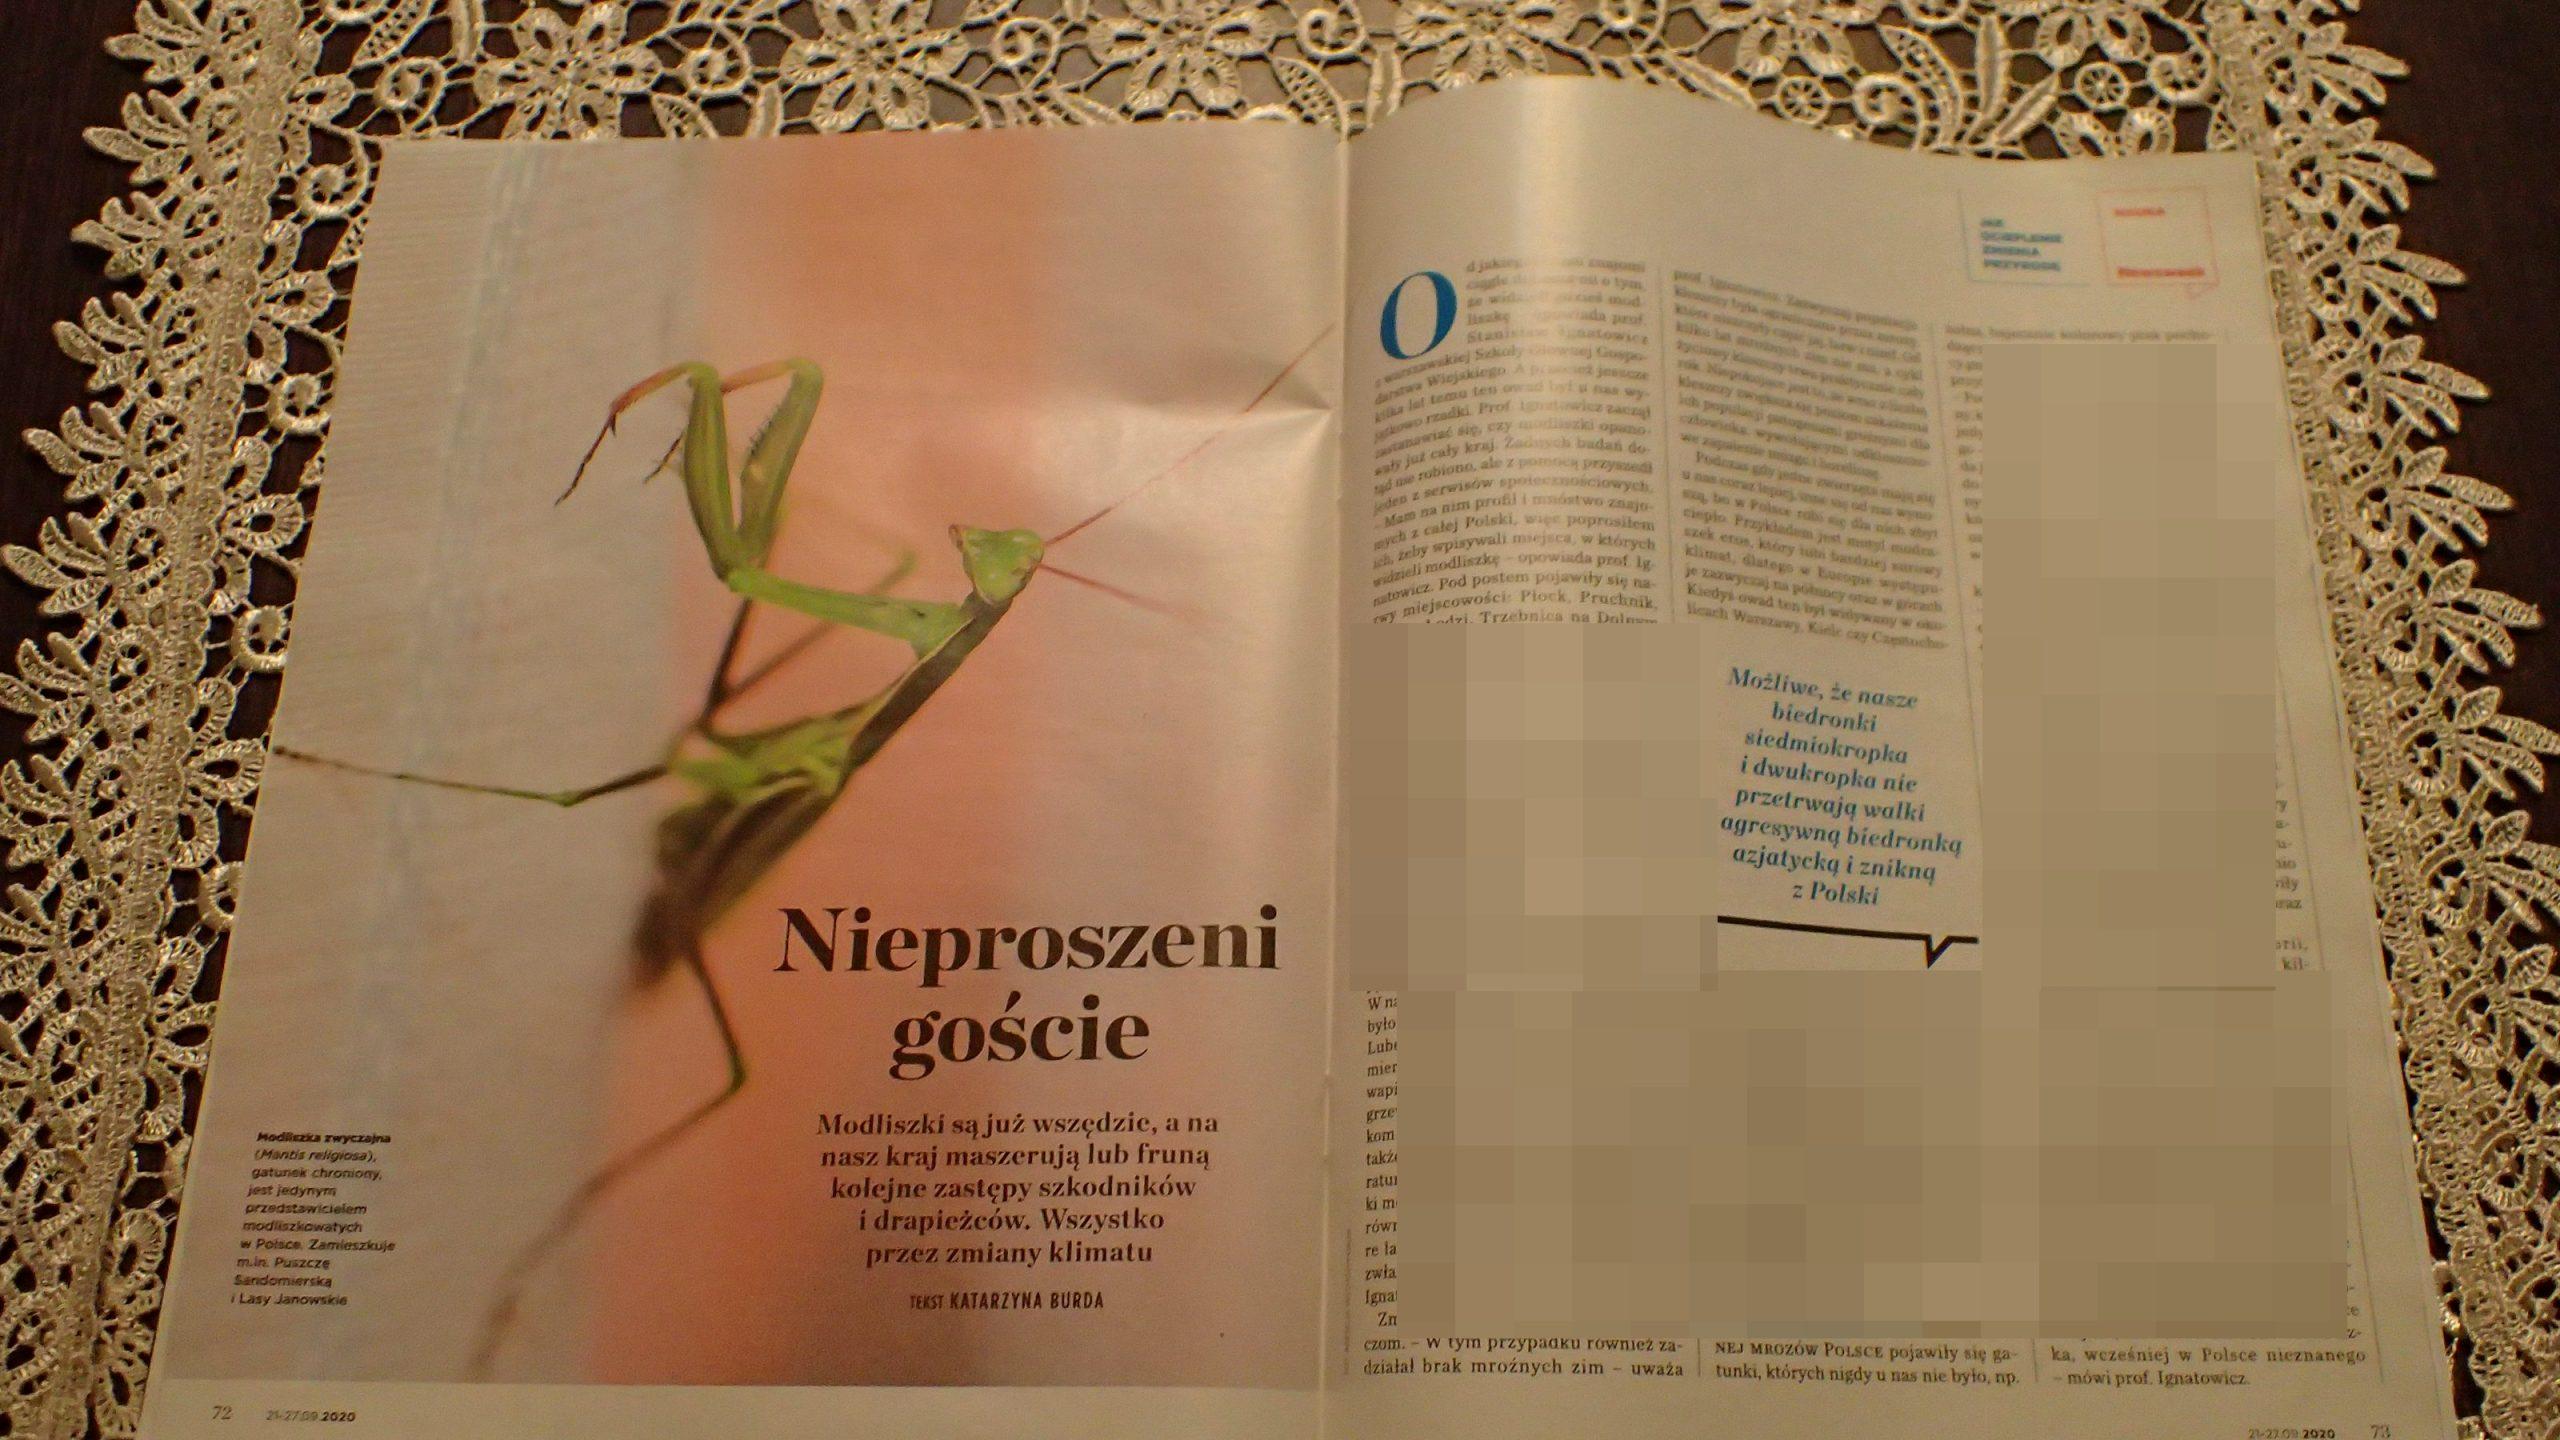 Zmiany klimatu a nowe gatunki w Polsce – wywiad na Newsweek Polska